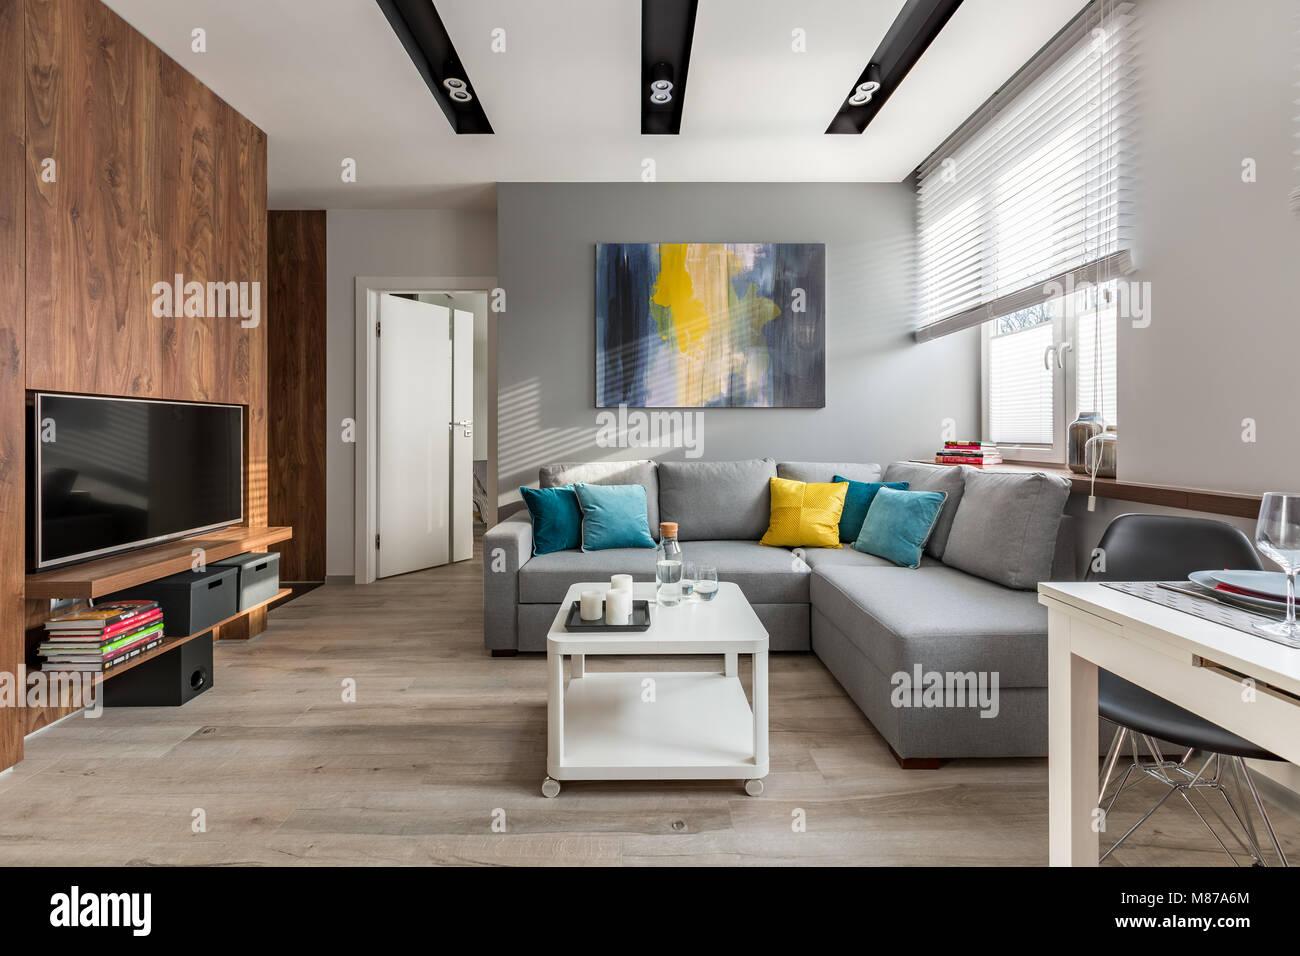 Tv salotto con pareti in legno e grande divano grigio foto for Salotto con tv